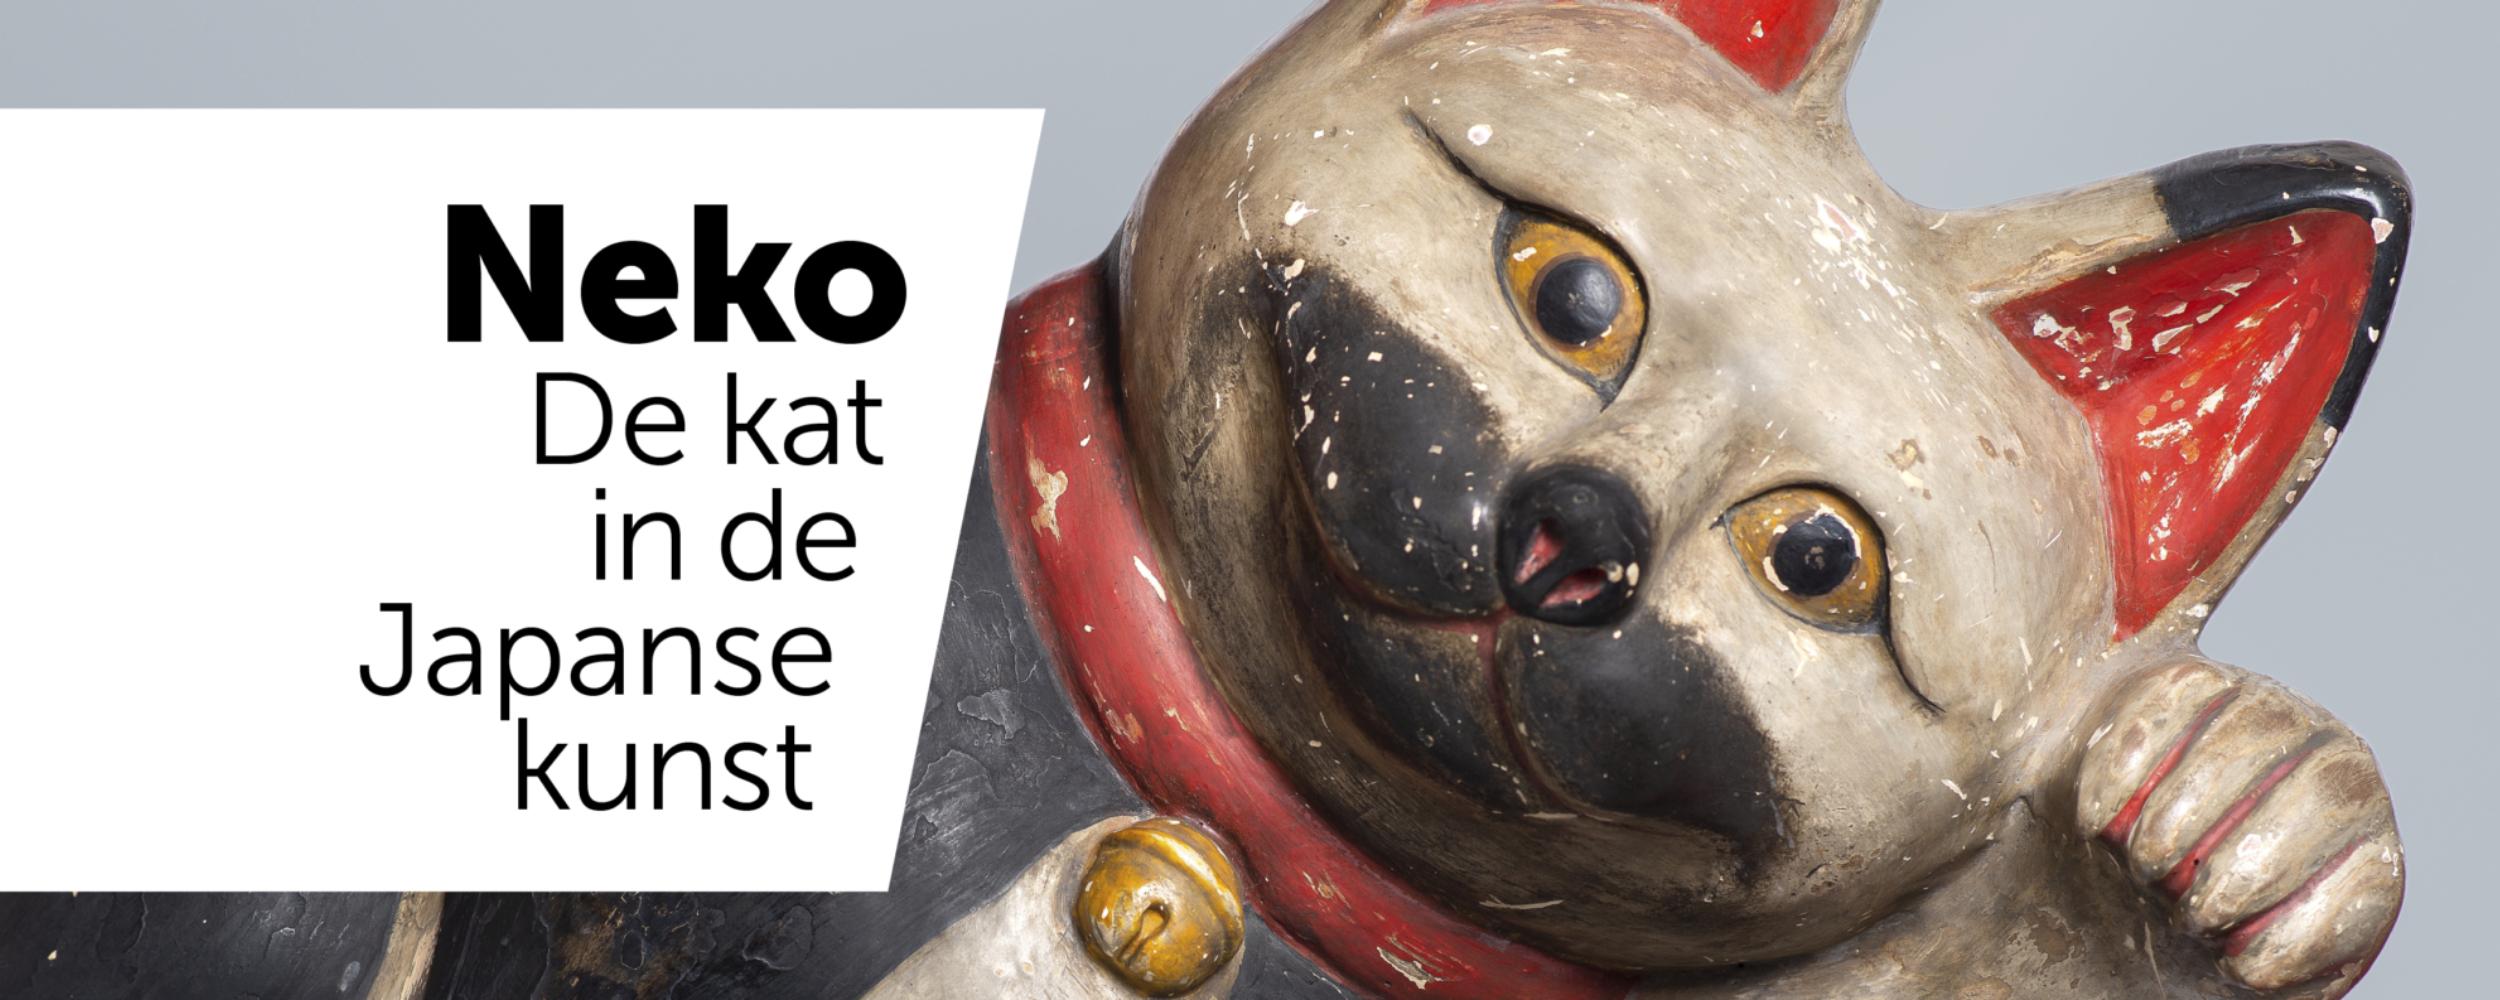 Neko Header Facebook 01